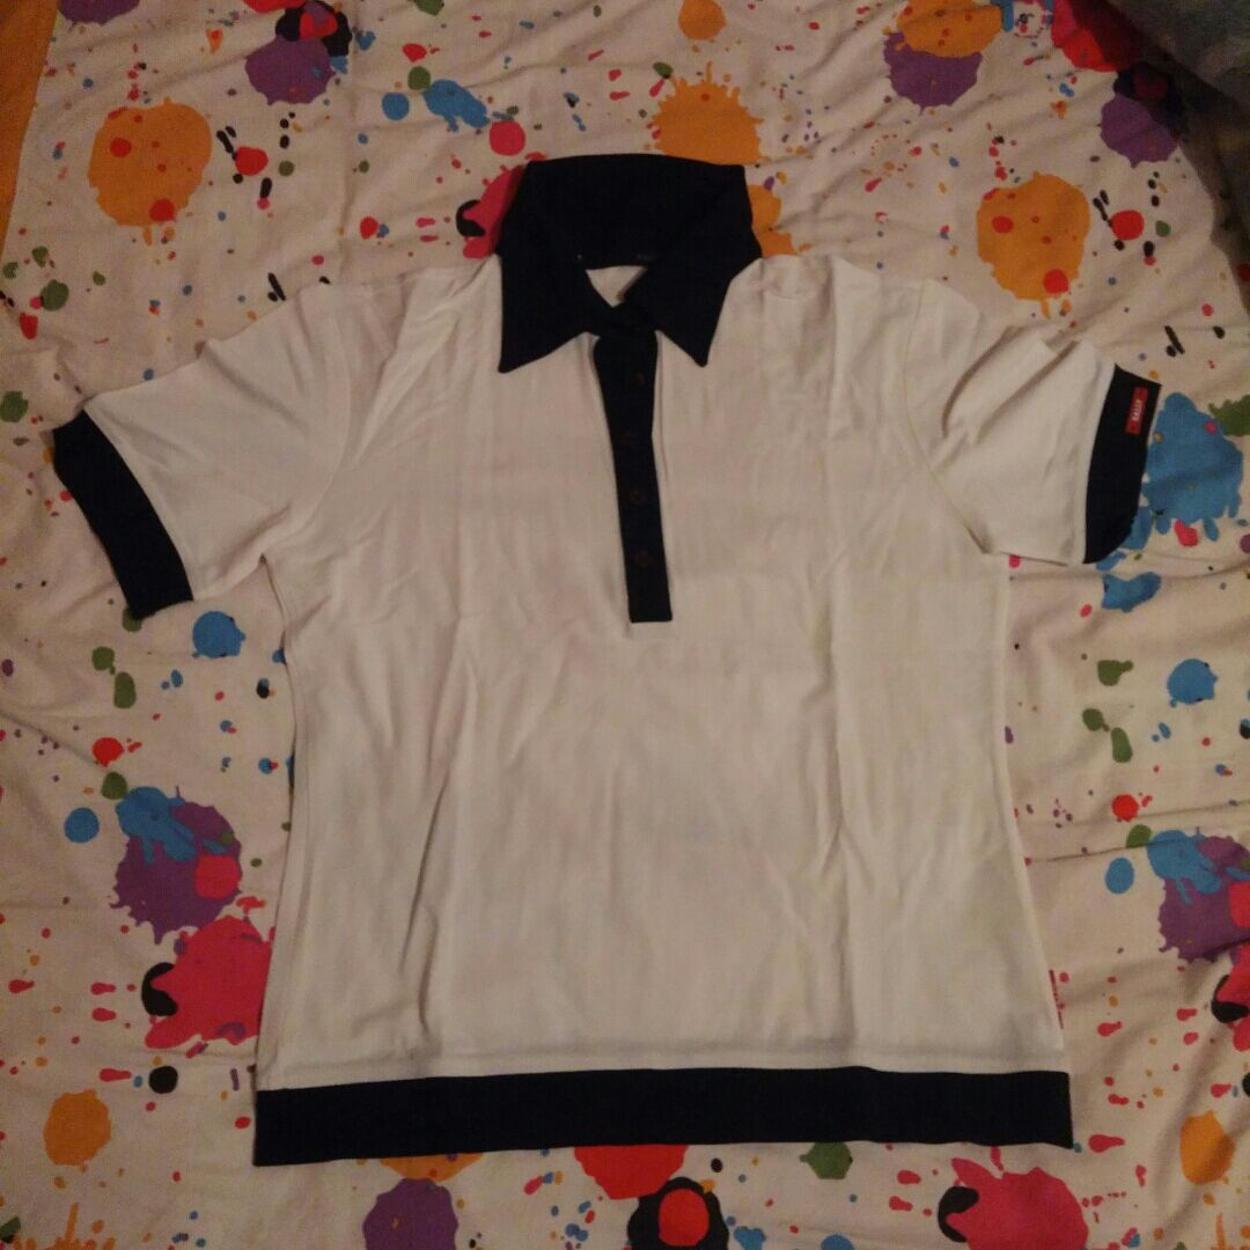 Bally Tshirt